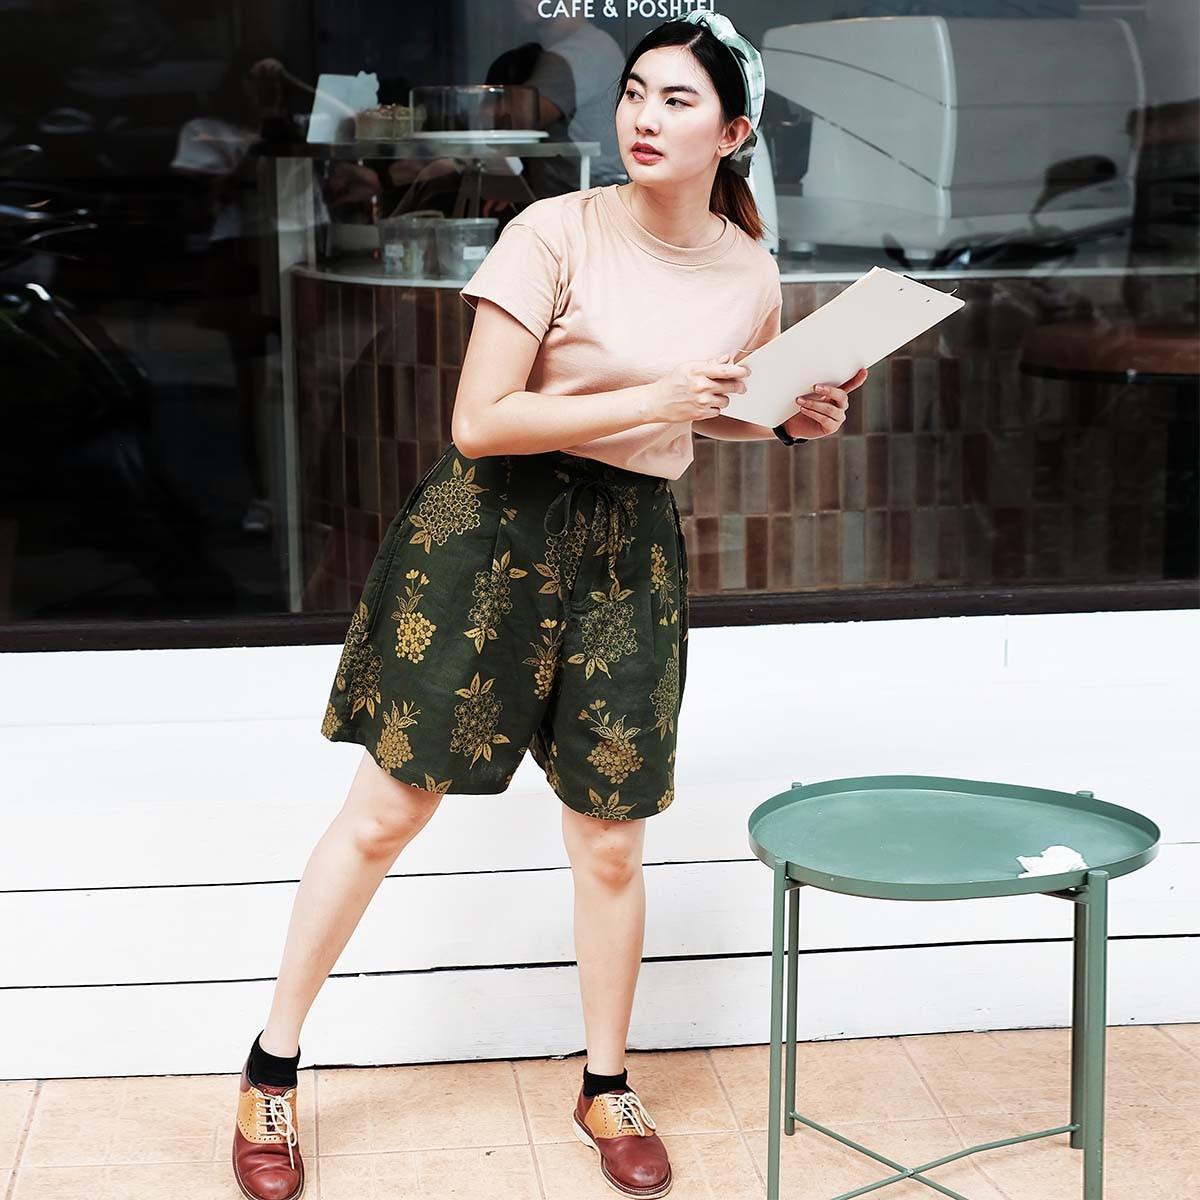 กางเกงผู้หญิง กางเกงผ้าฝ้ายขาสั้นผู้หญิง